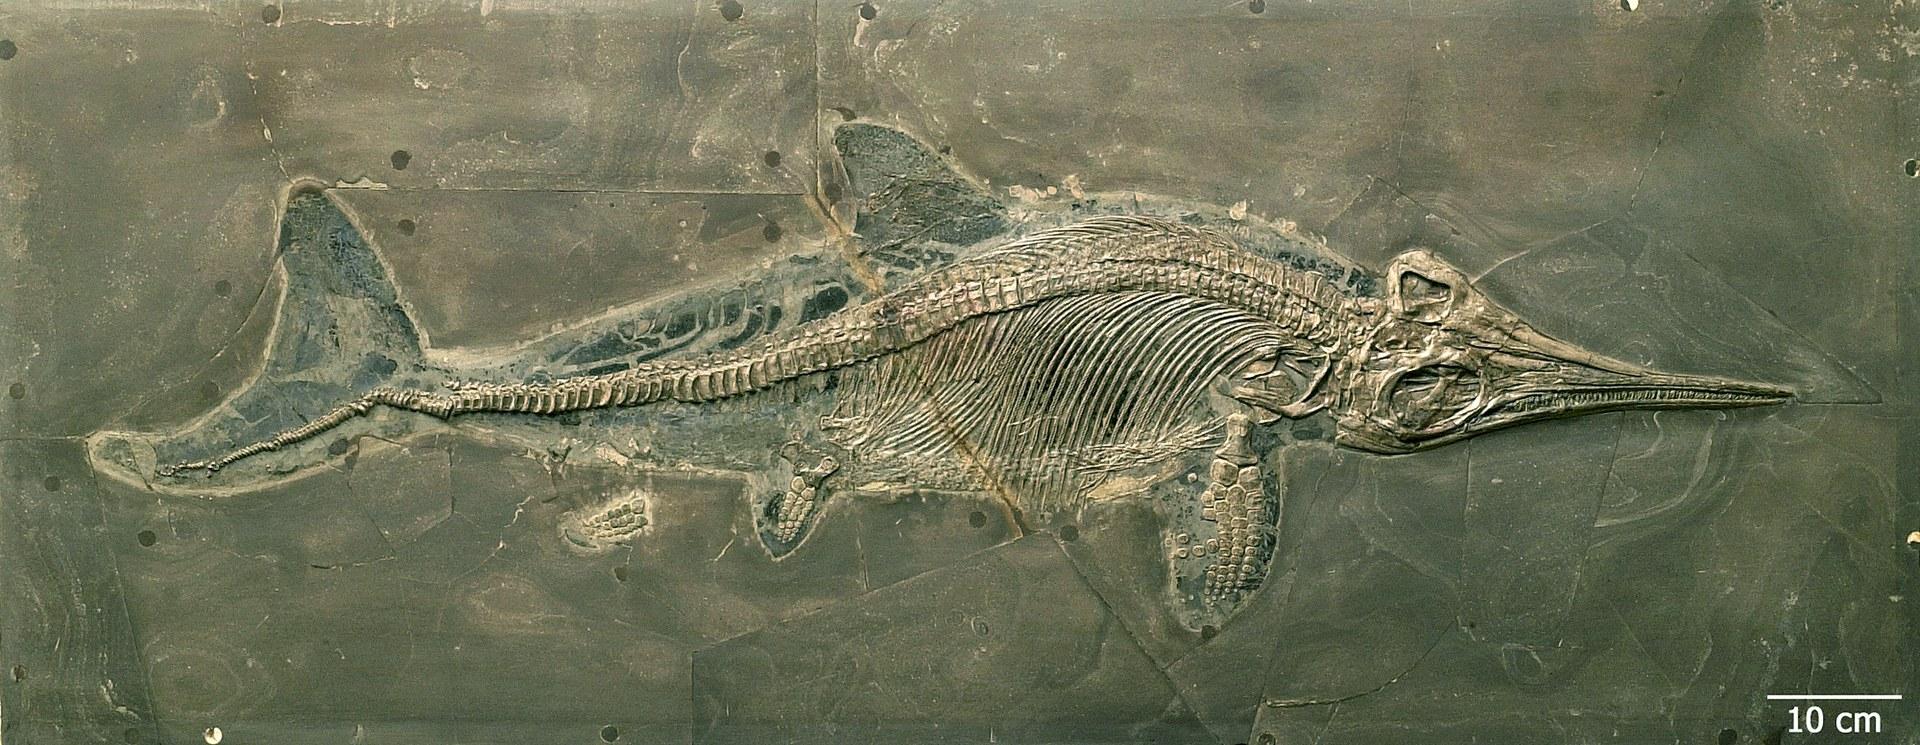 Fischsaurier.jpg